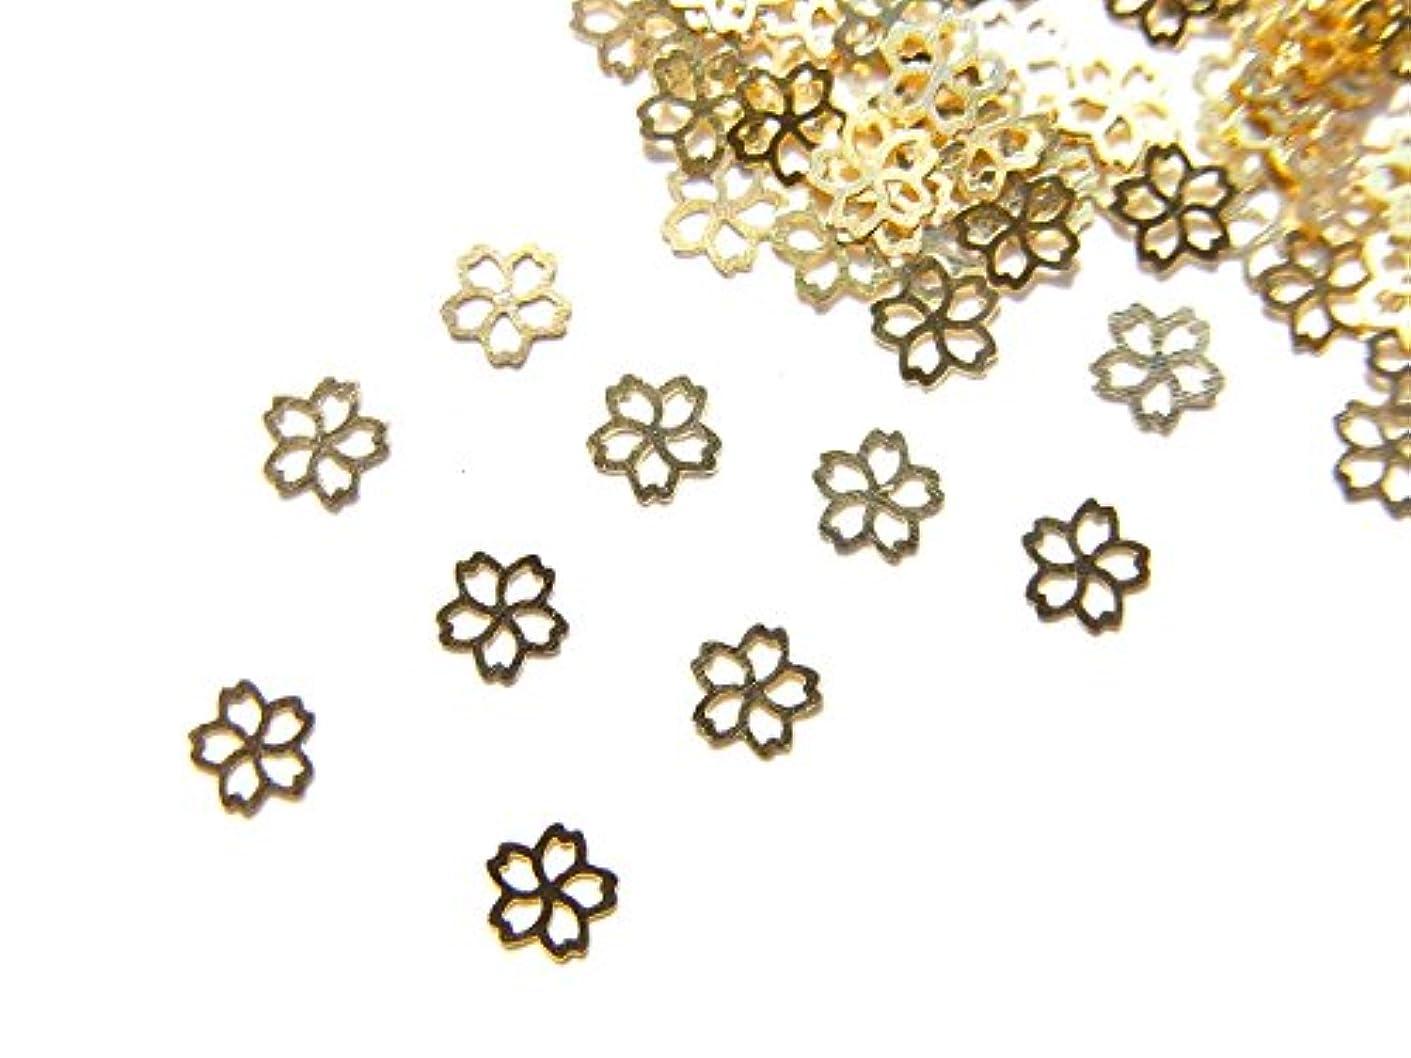 ママ鷹アカウント【jewel】ug27 春ネイル 薄型ゴールド メタルパーツ Sサイズ 桜 サクラB 10個入り ネイルアートパーツ レジンパーツ